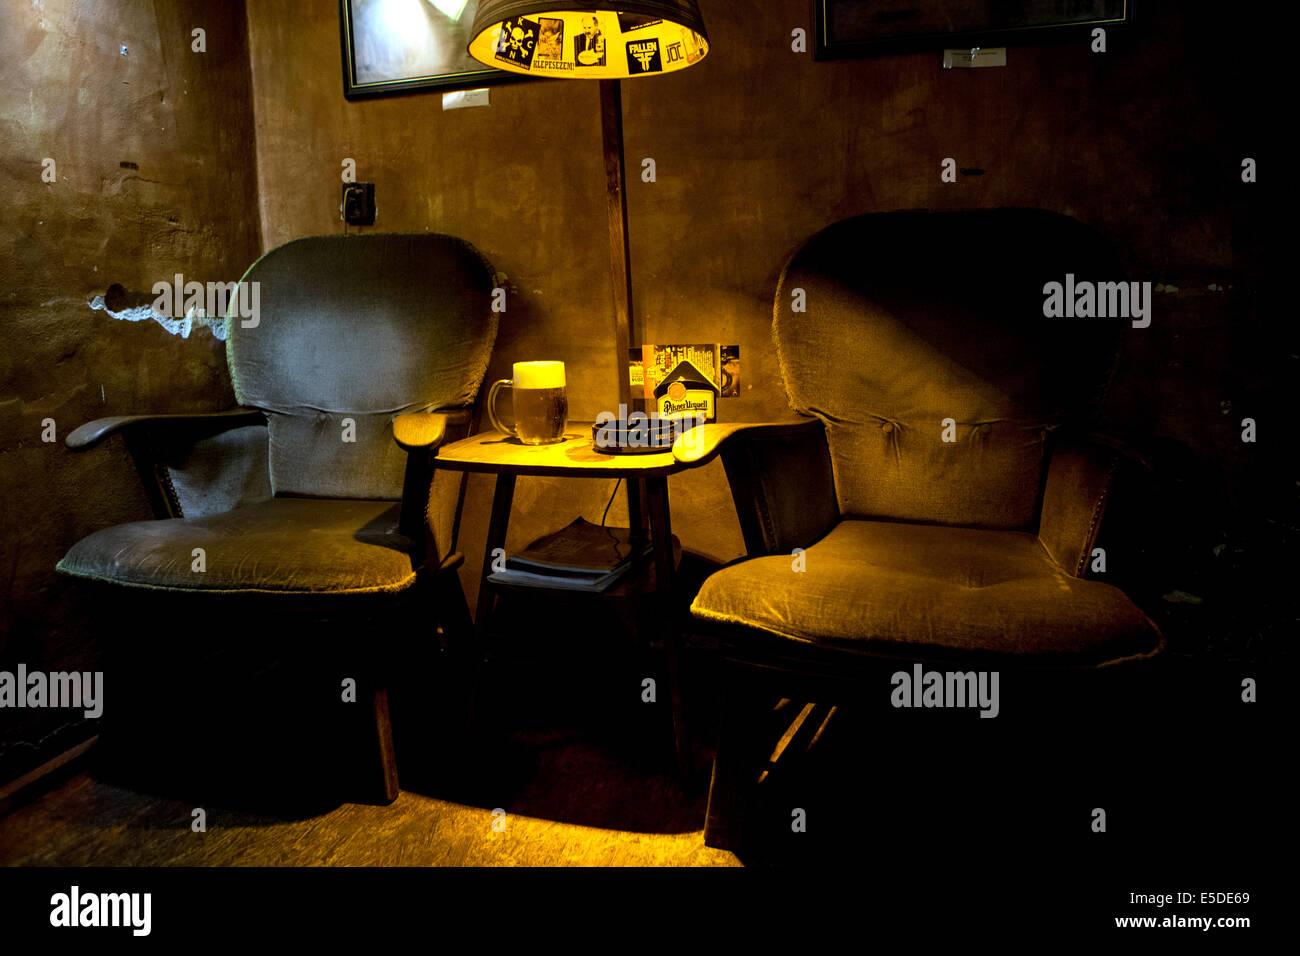 Bar Znama firme, atmósfera con lámpara y cerveza, Zizkov, Praga, República Checa Imagen De Stock